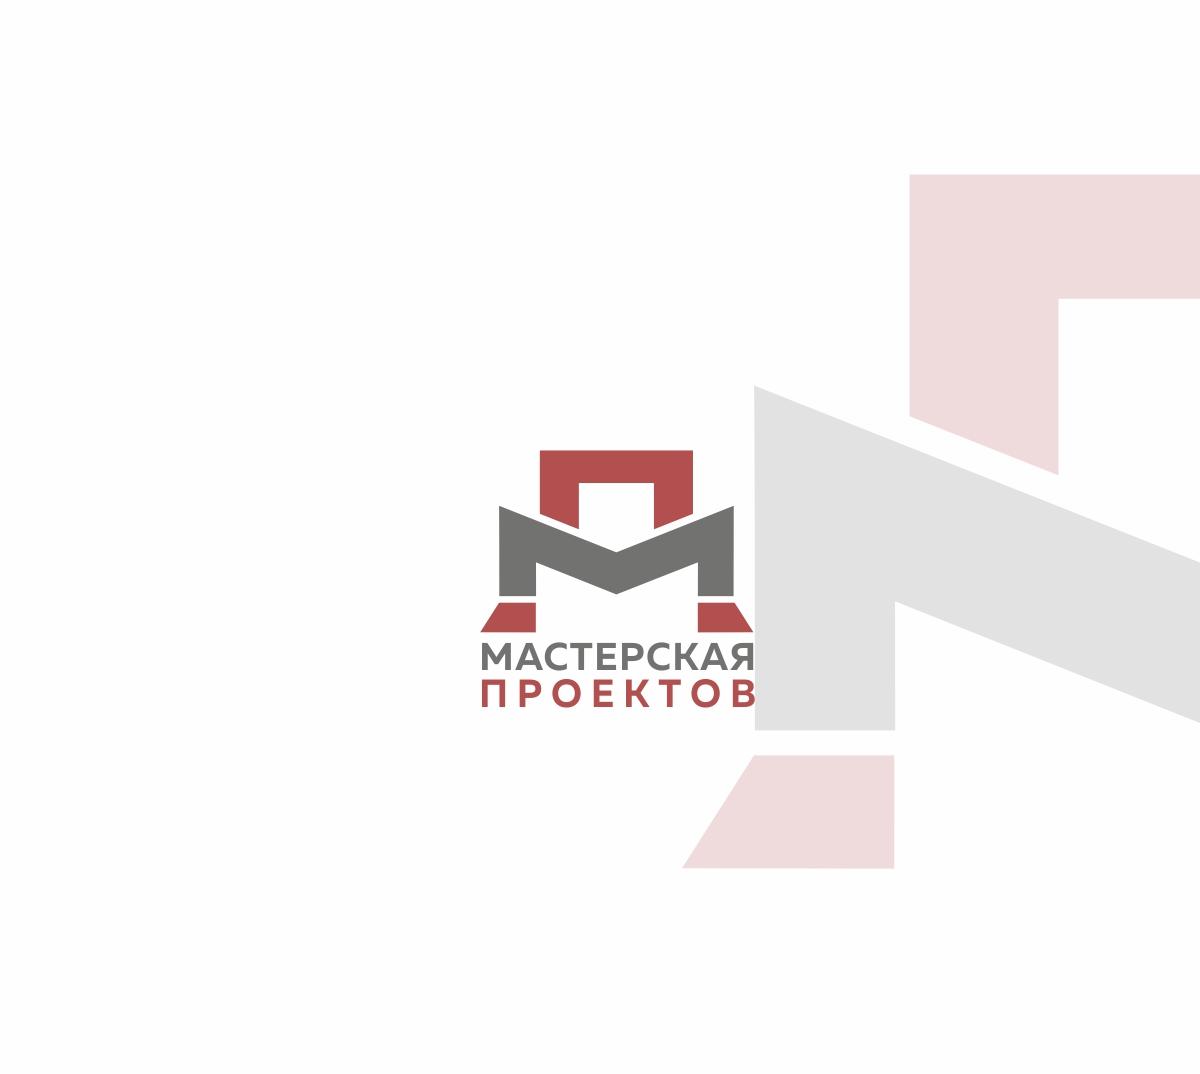 Разработка логотипа строительно-мебельного проекта (см. опис фото f_196606c58ad6ce79.jpg